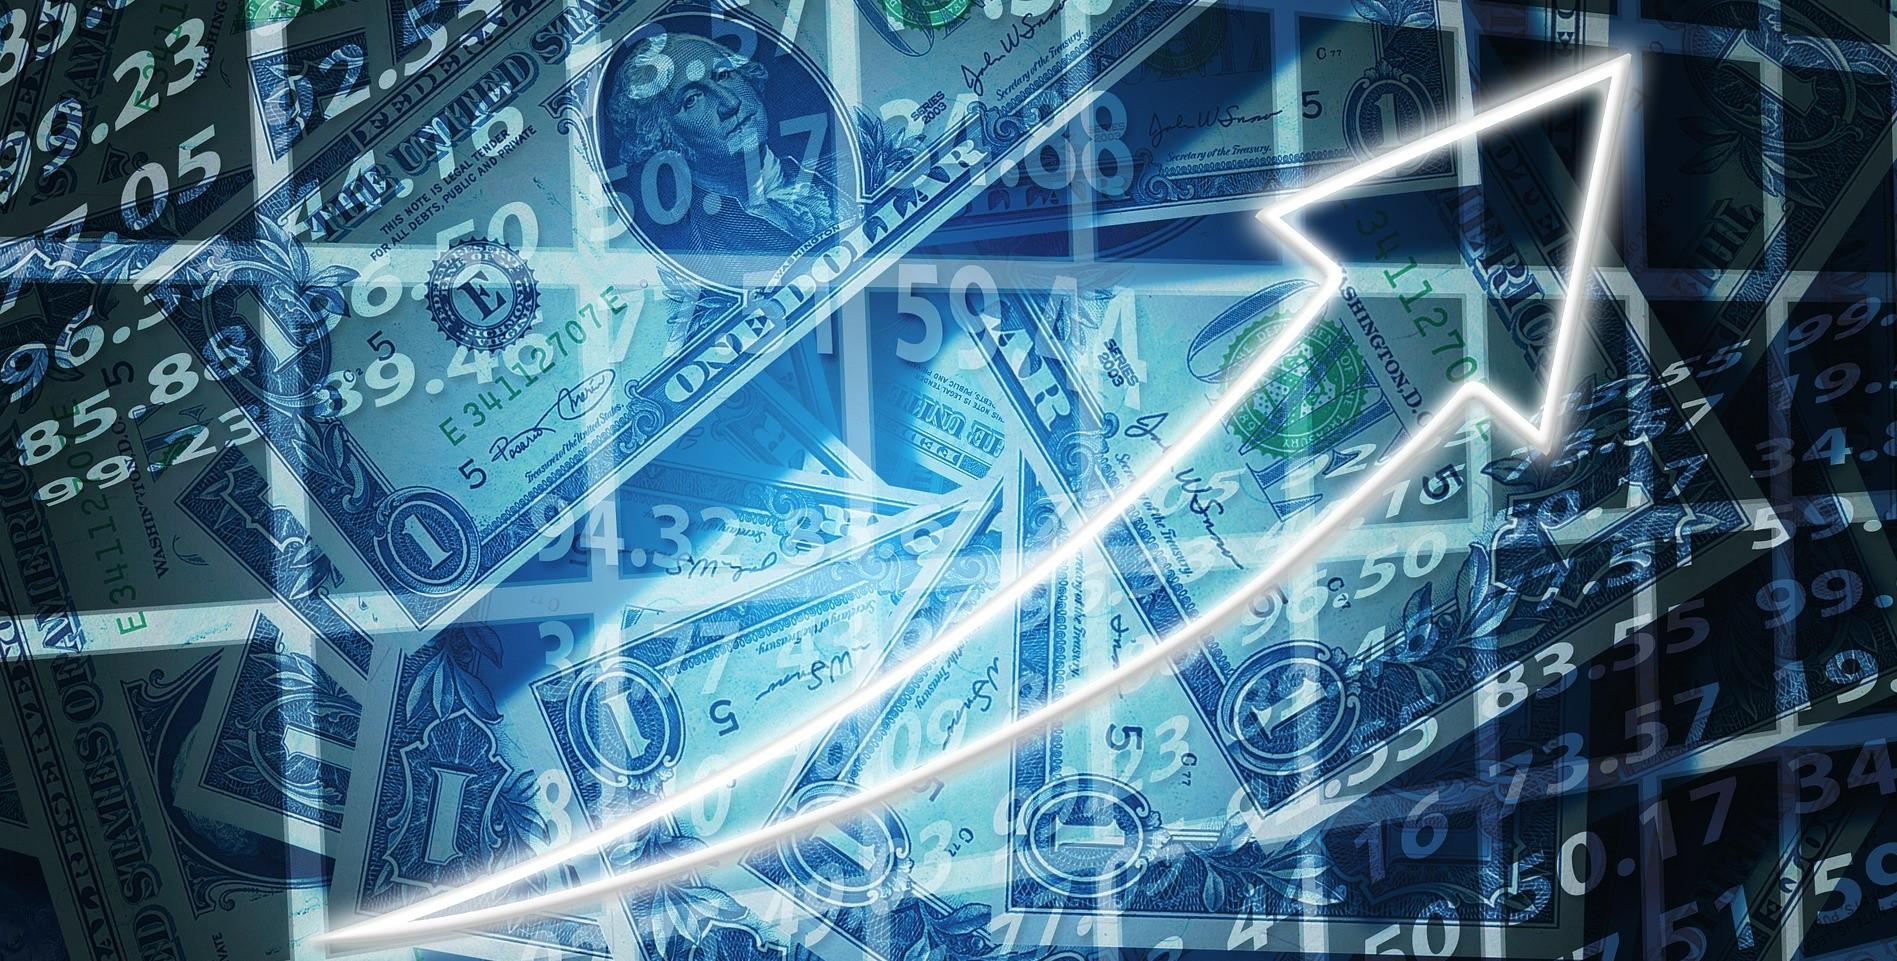 El estudio de ASUFIN también revela que seguimos depositando más confianza en la banca tradicional que en los gigantes tecnológicos